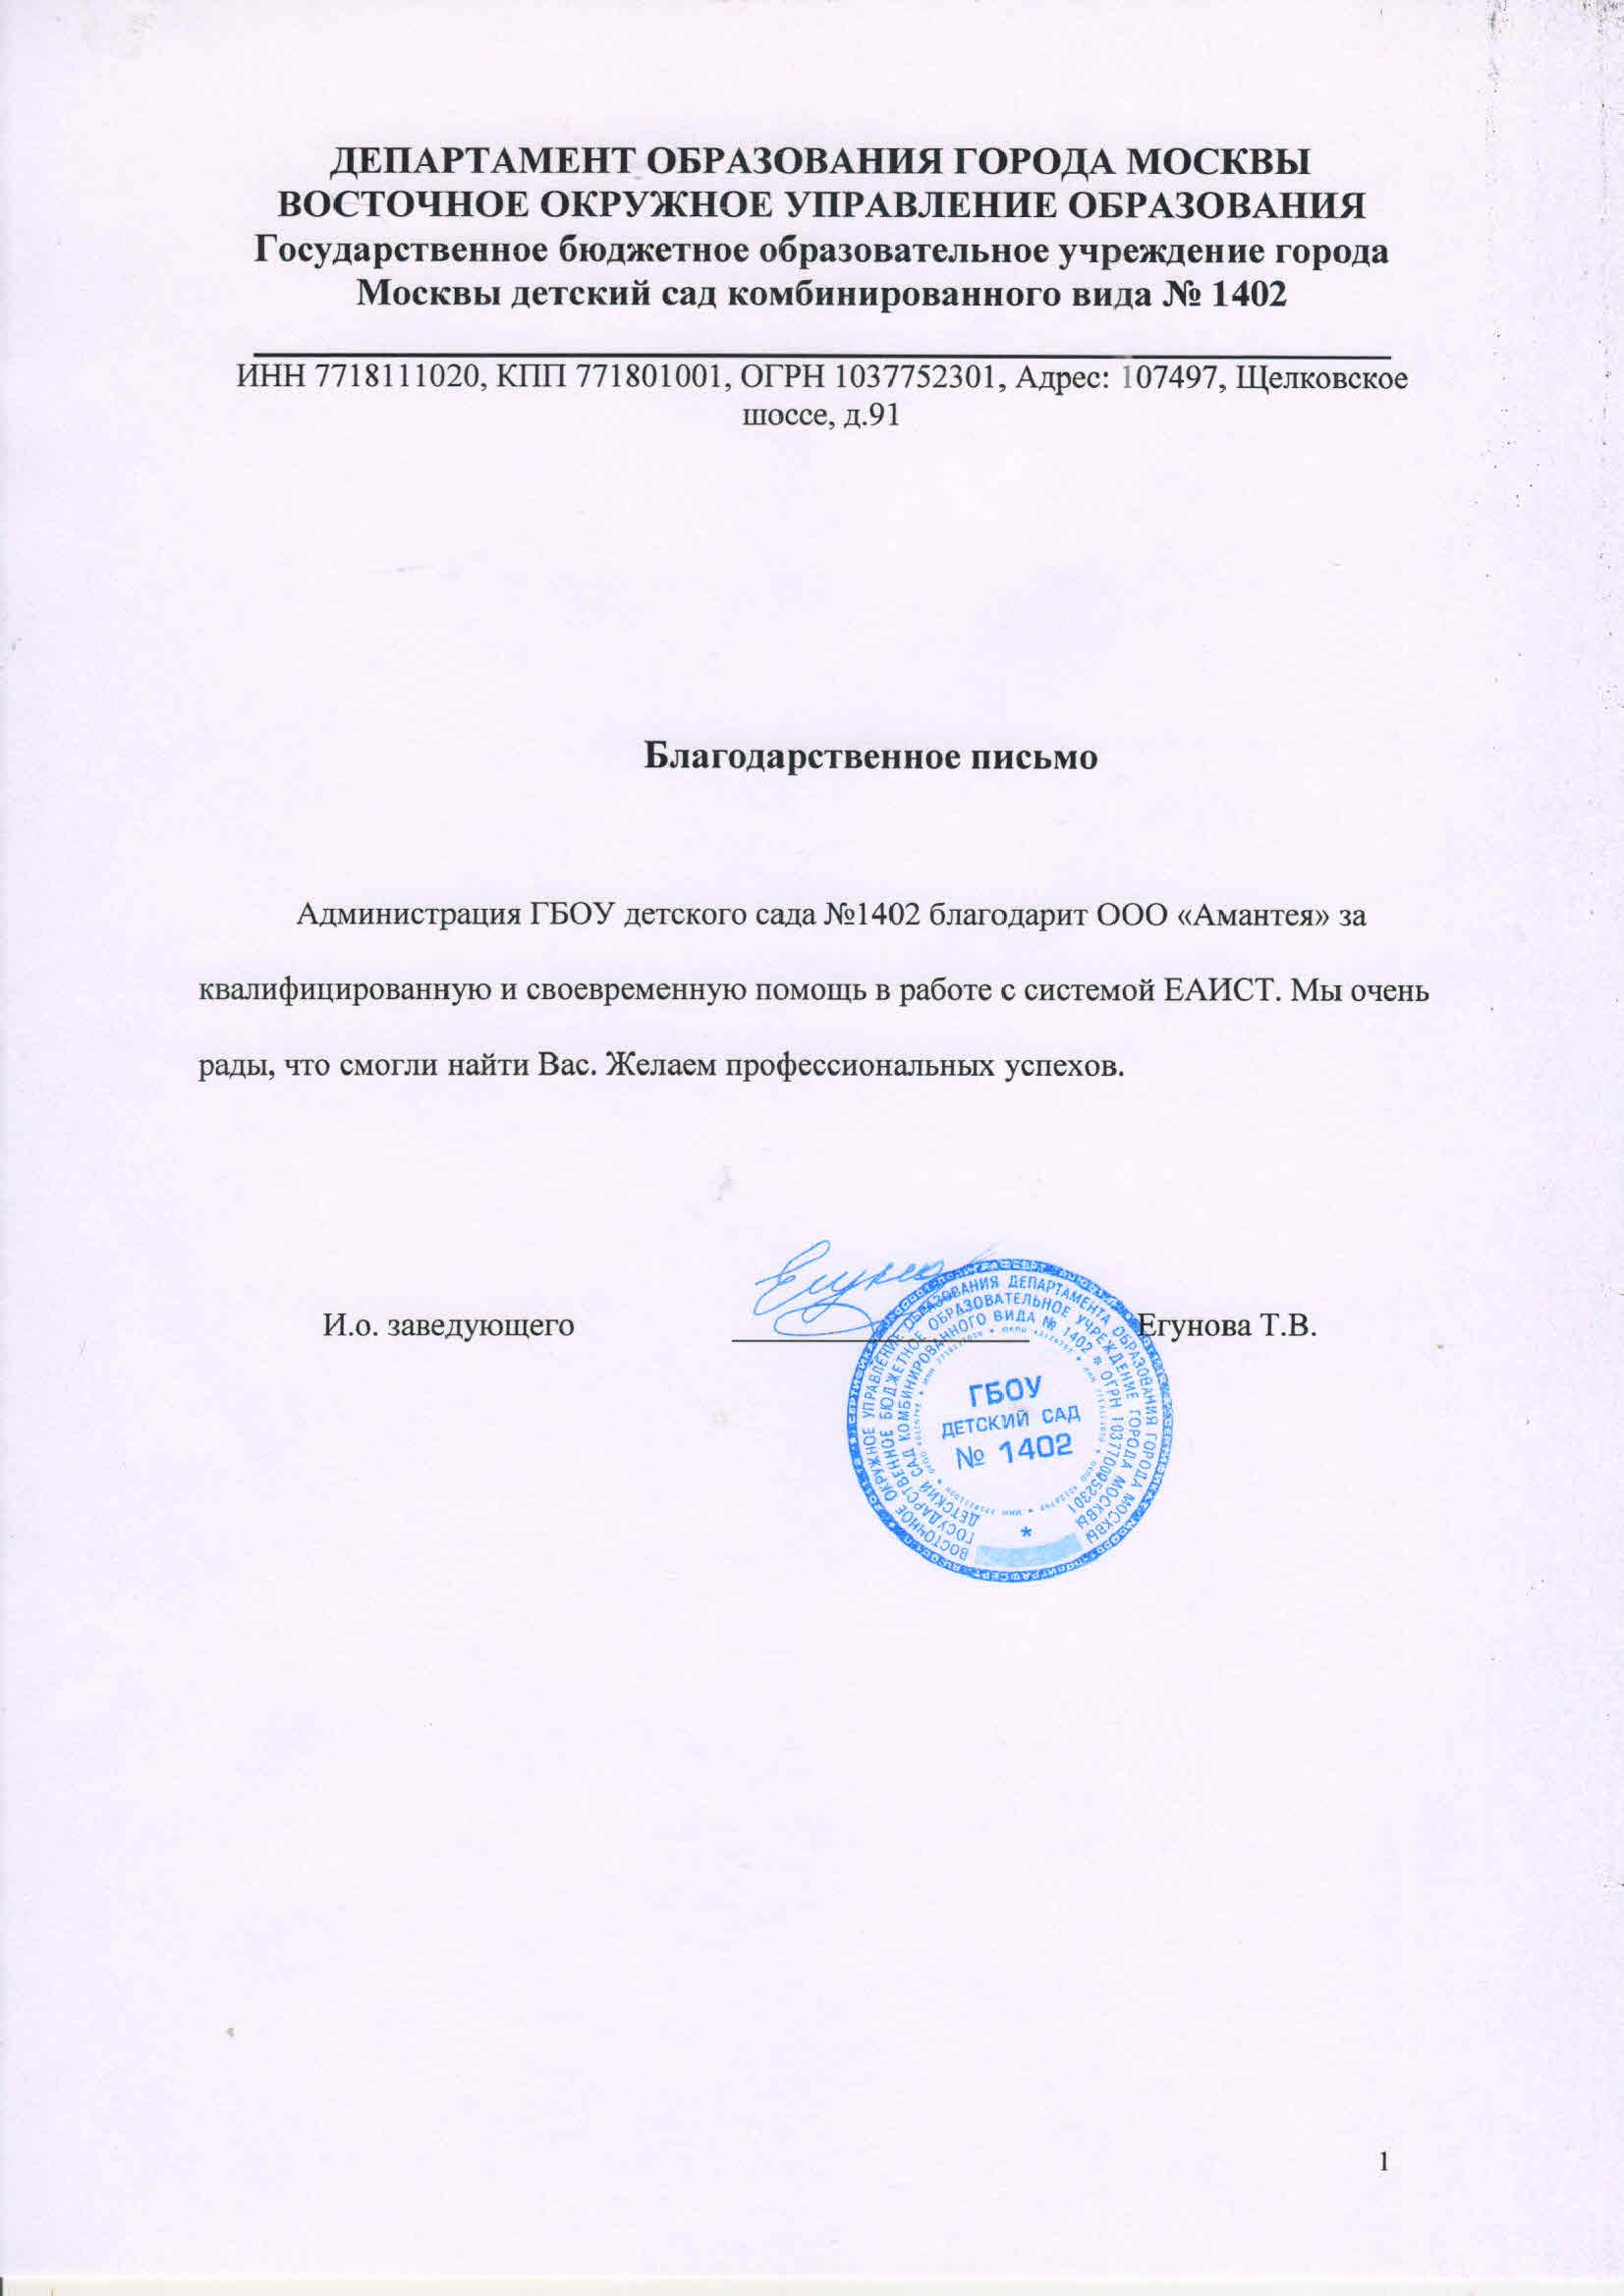 ГБОУ г.Москвы детский сад комбинированного вида №1402